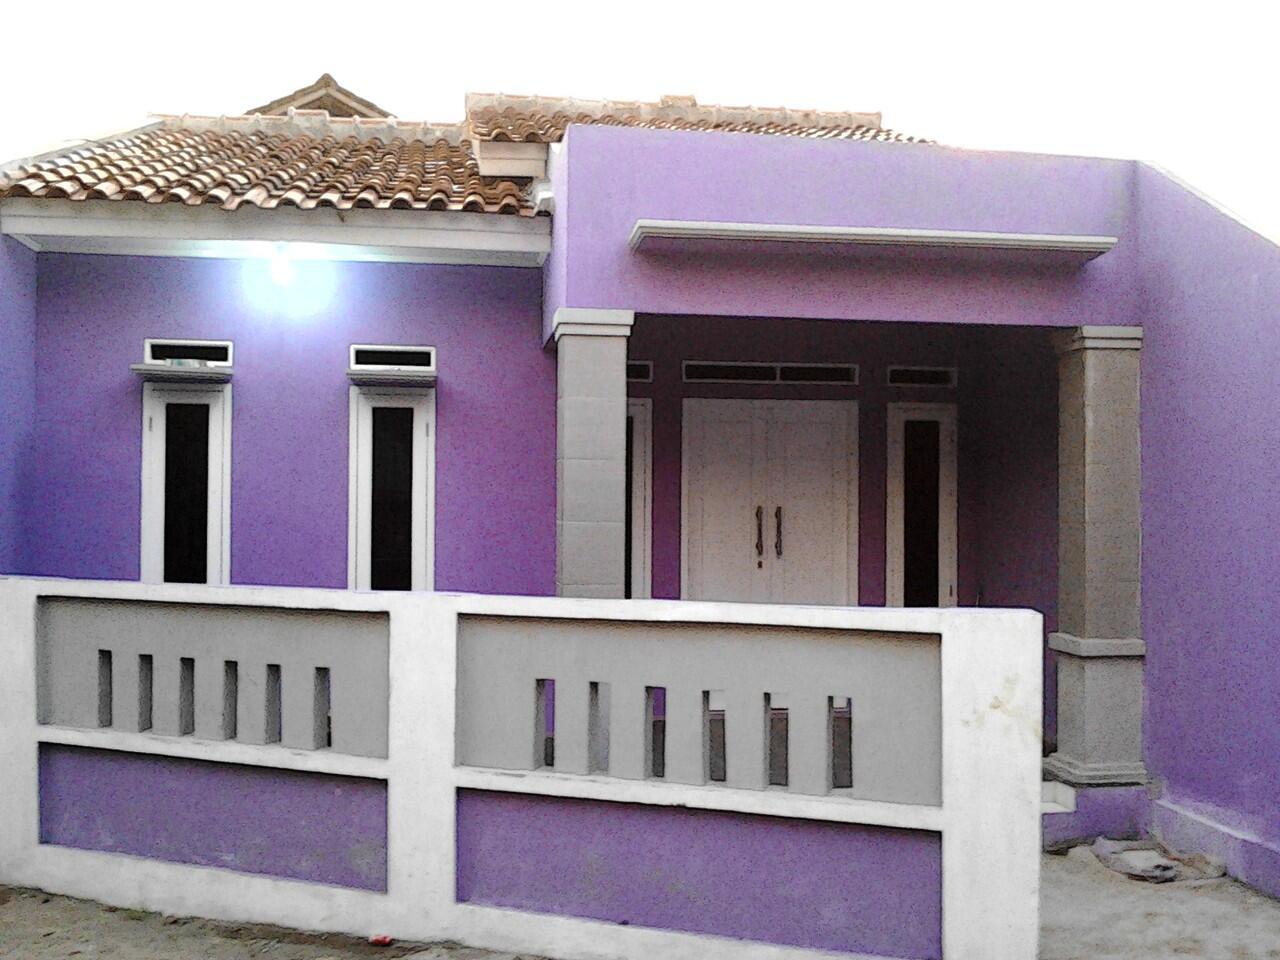 Miliki Rumah Minimalis Harga Sangat Terjangkau Di Bojong Baru Bojong Gede Bogor